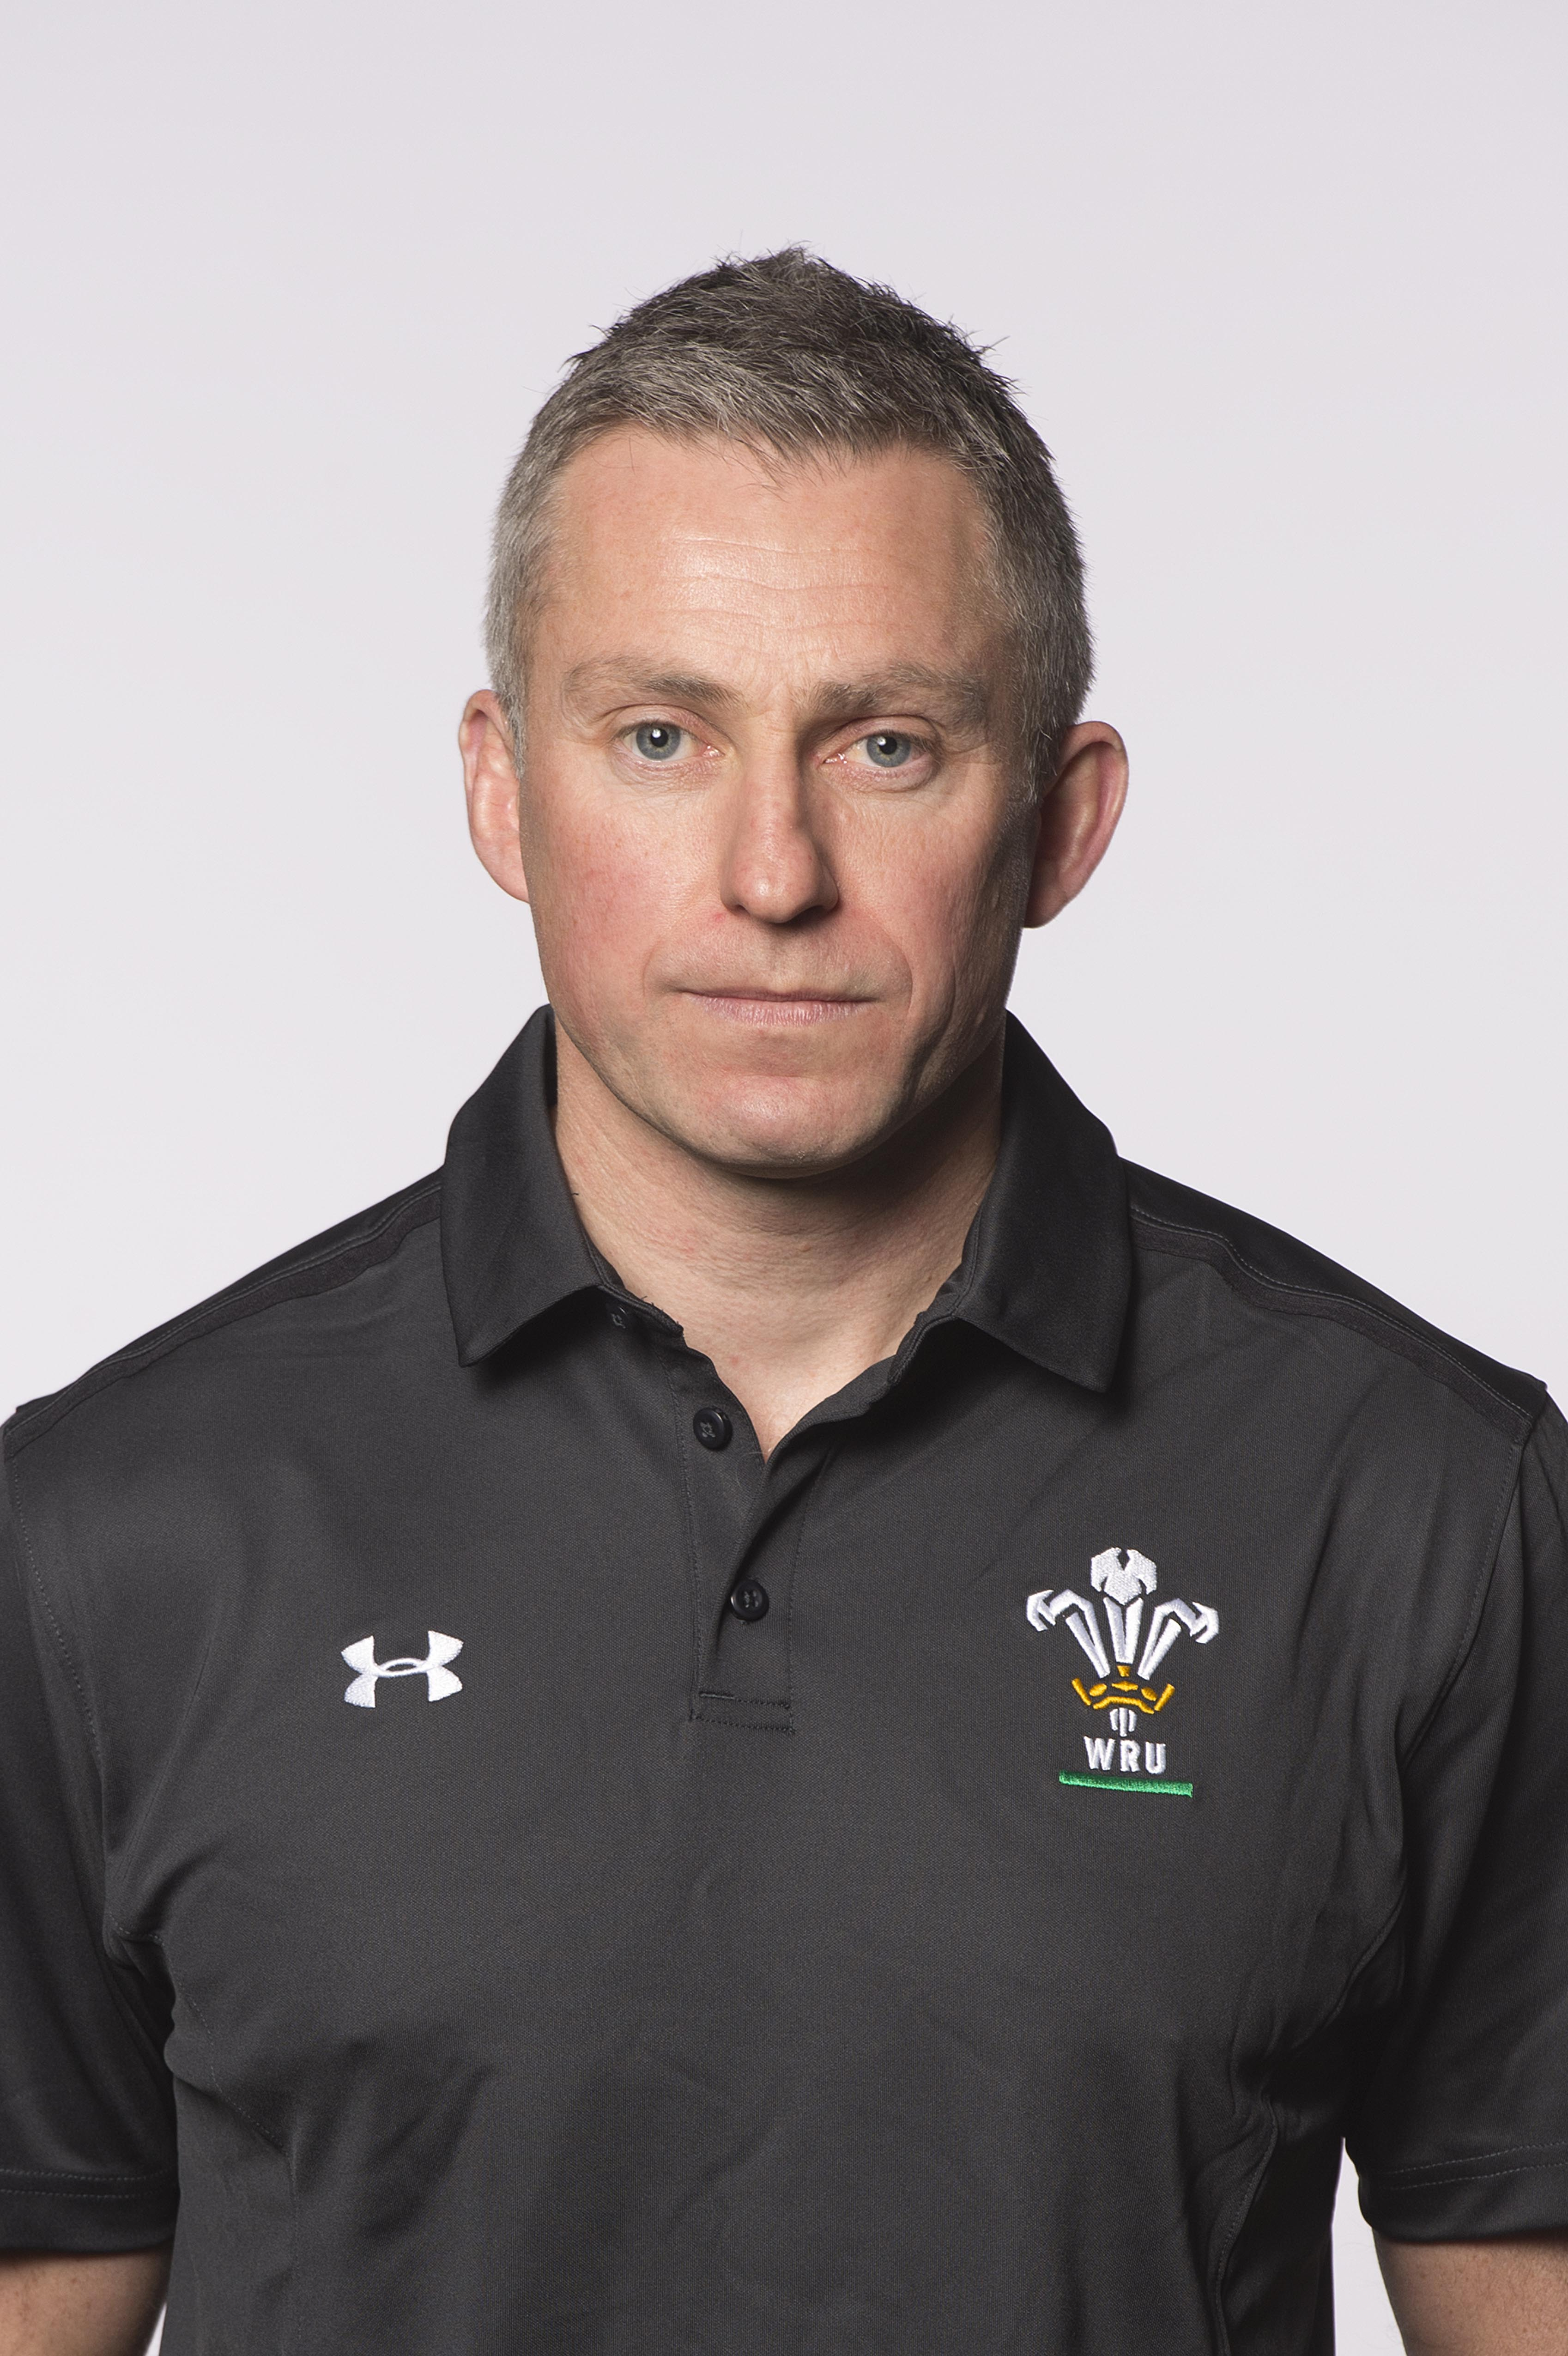 Gareth Wyatt